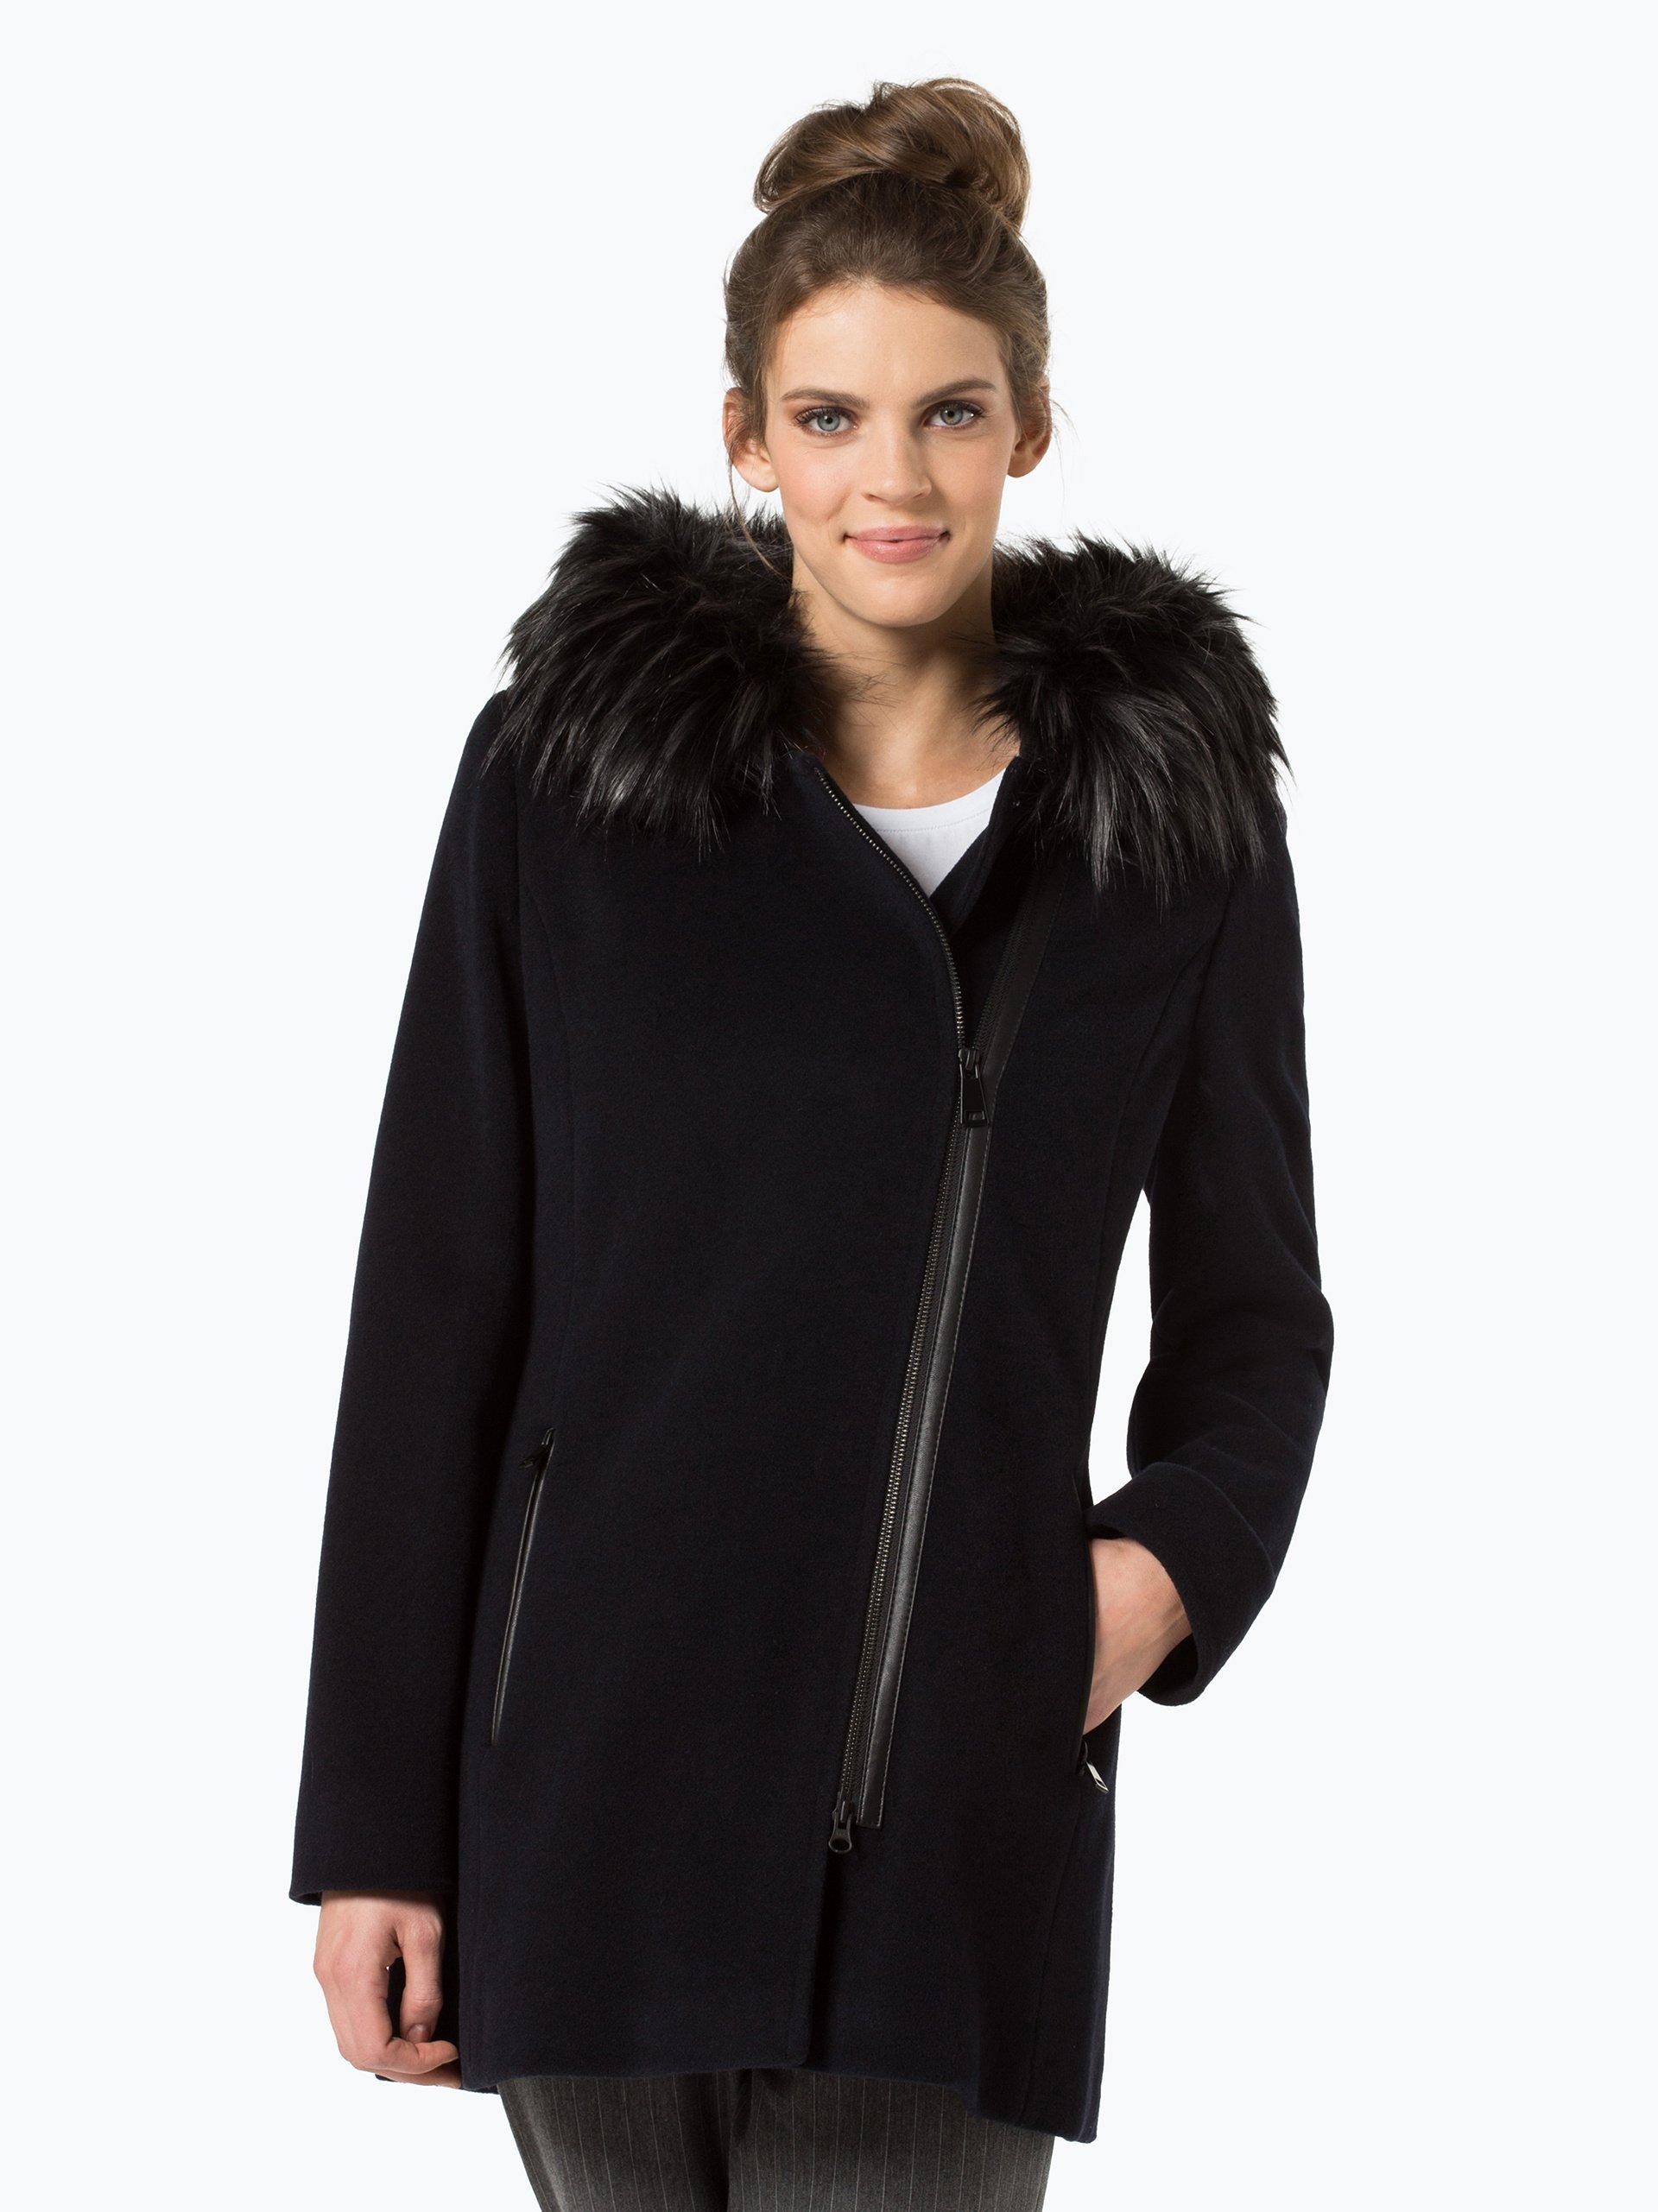 apriori damen mantel mit cashmere anteil marine uni online kaufen peek und cloppenburg de. Black Bedroom Furniture Sets. Home Design Ideas